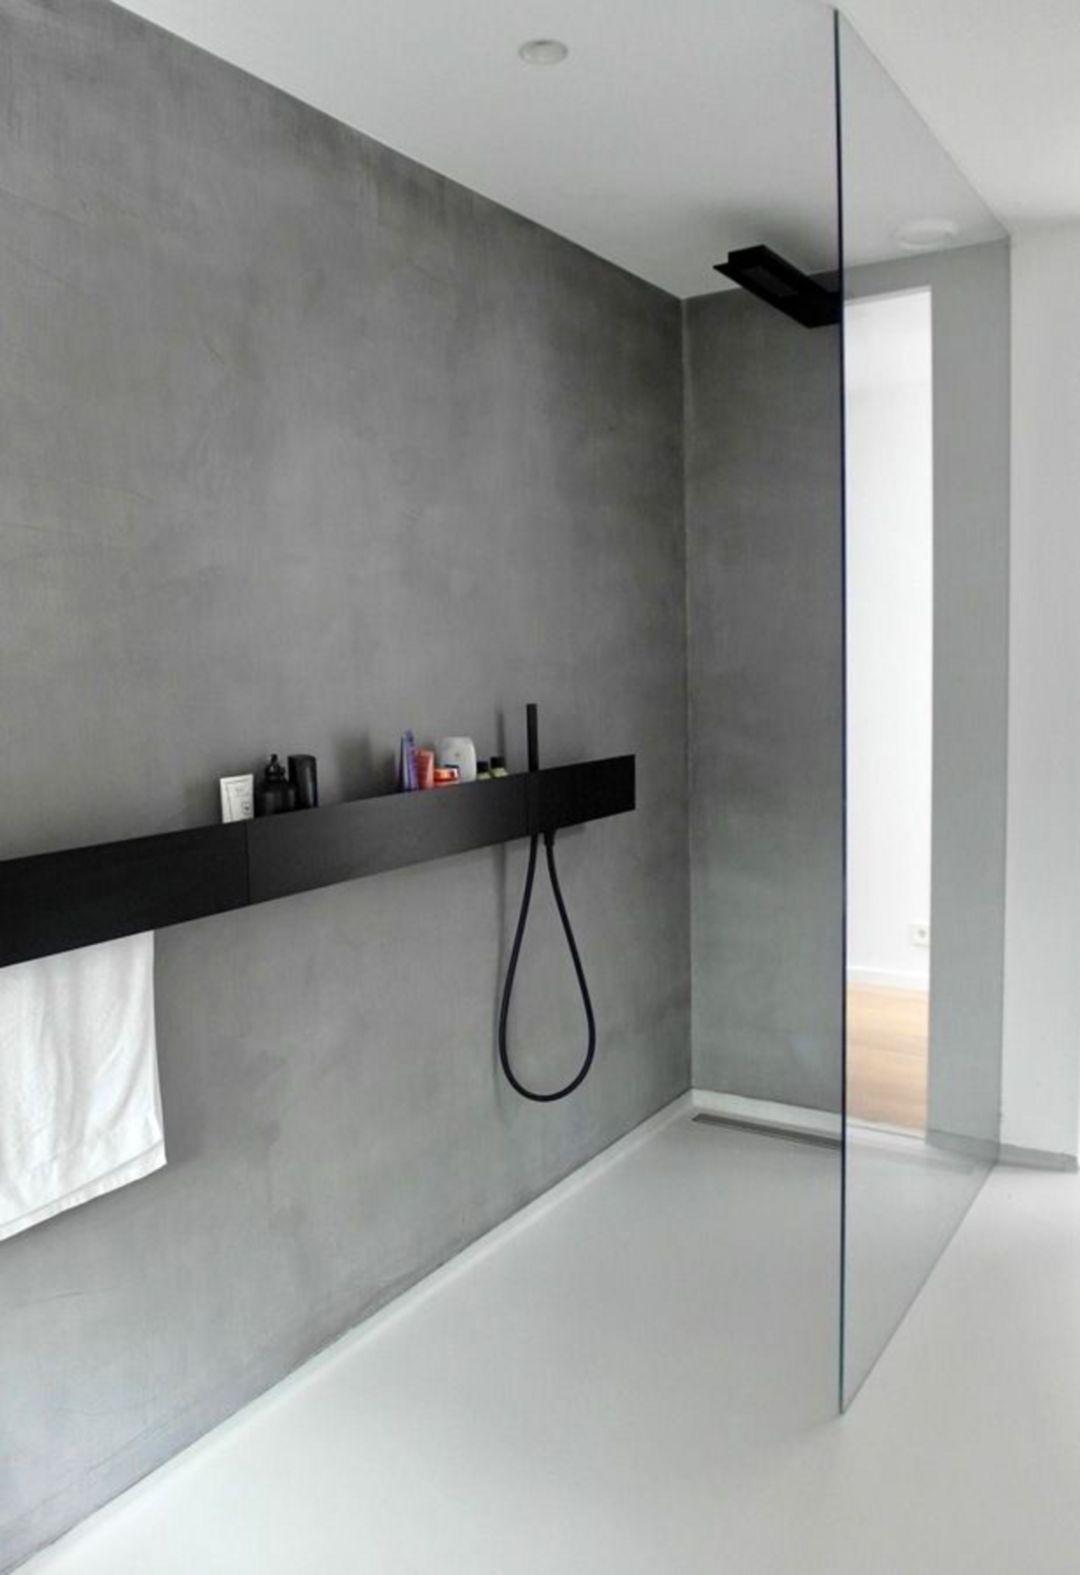 10 Charming Minimalist Bathroom Design Inspiration You Need To Apply Bathroom Design Minimalism Interior Minimalist Bathroom